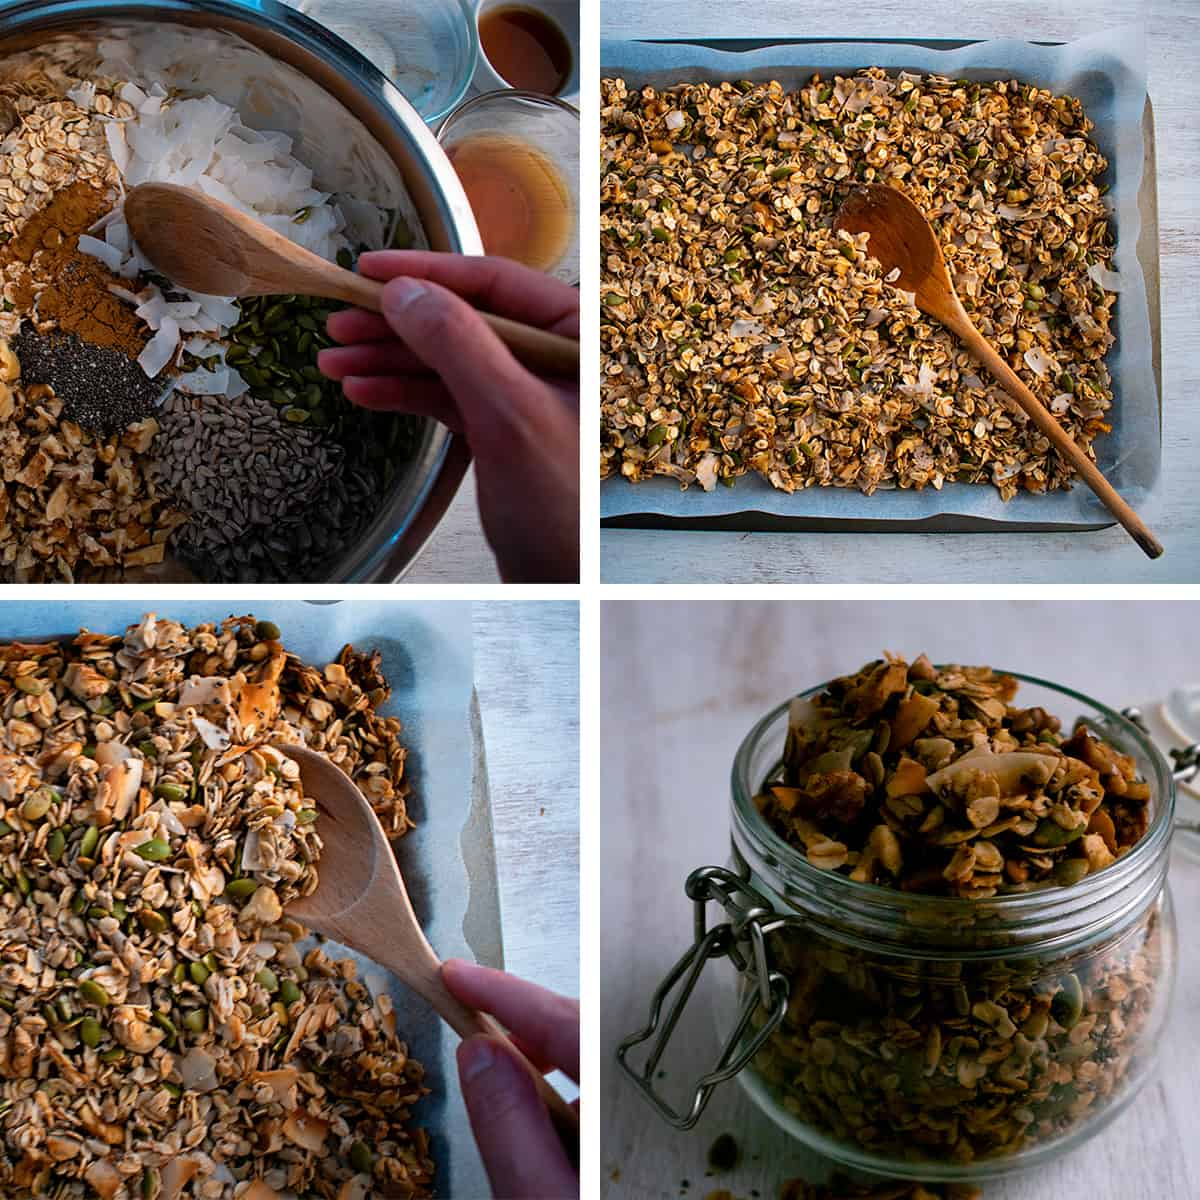 como preparar granola paso a paso